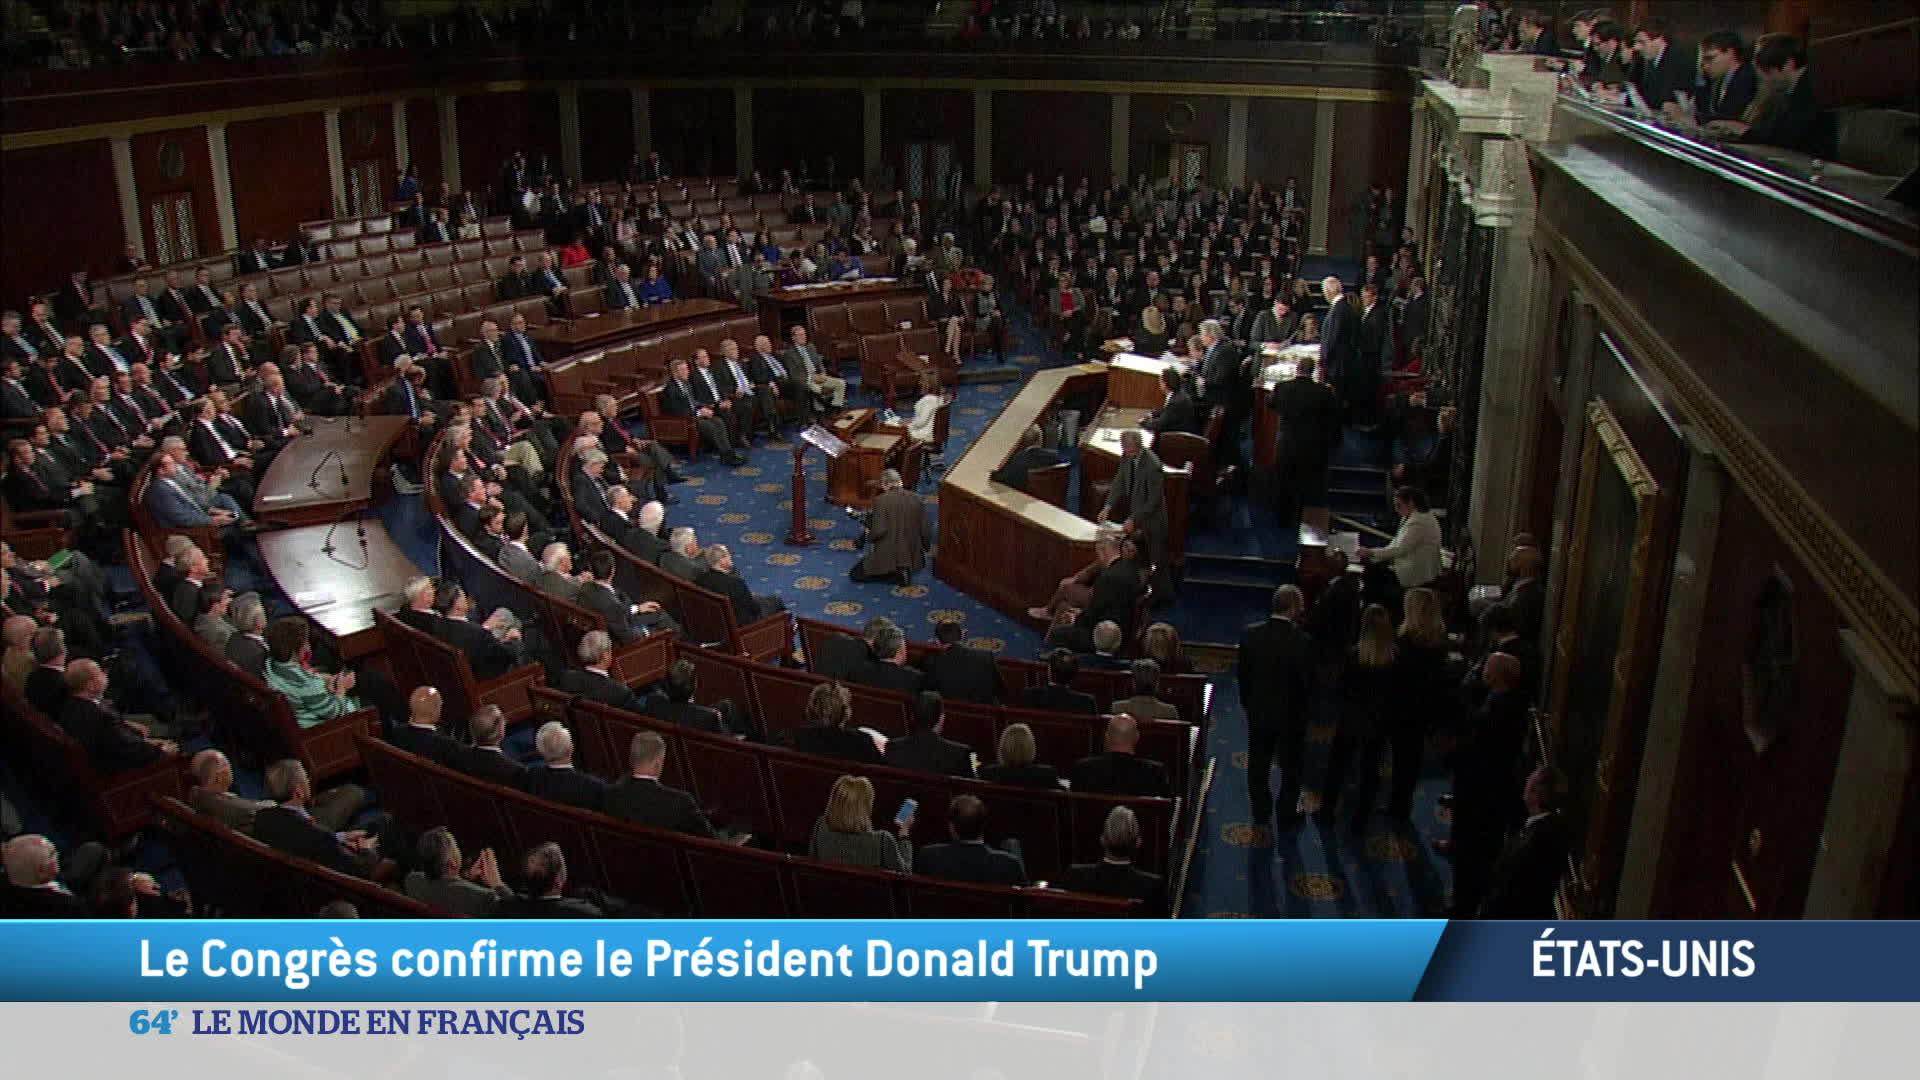 Etats-Unis : le Congrès confirme l'élection de Donald Trump